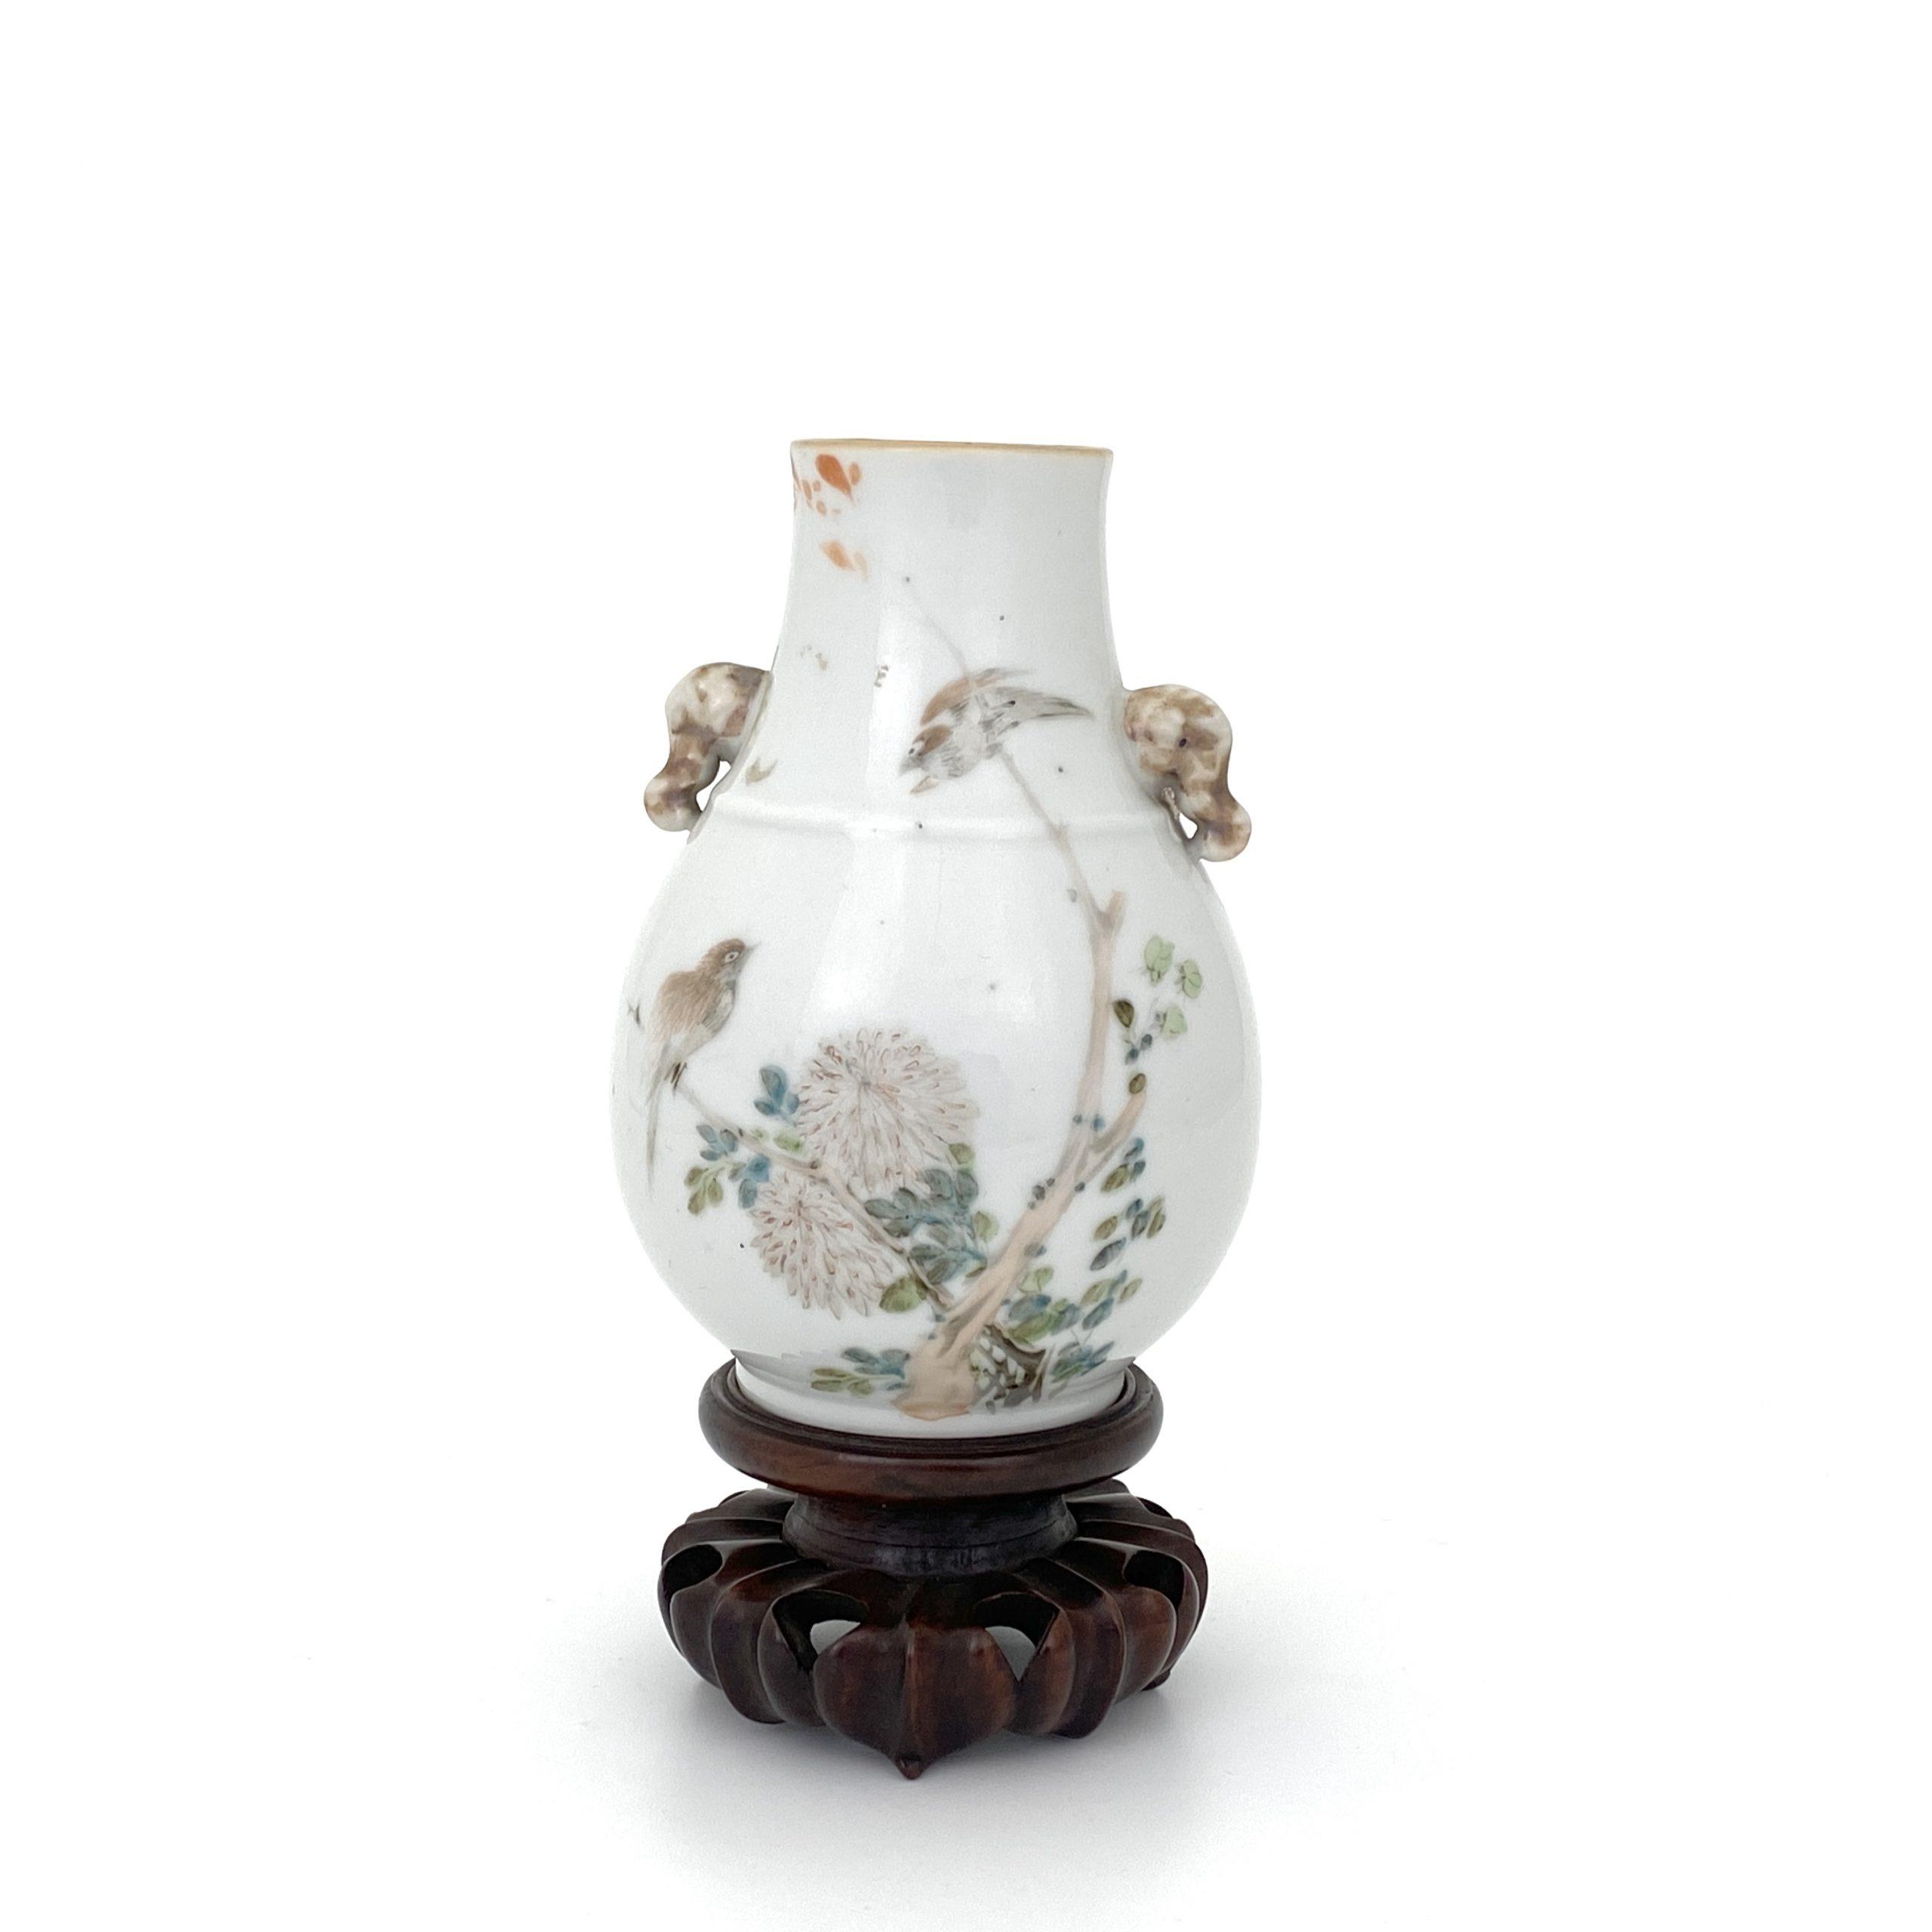 21663在銘「乾隆年製」款 粉彩 花鳥紋 象耳瓶